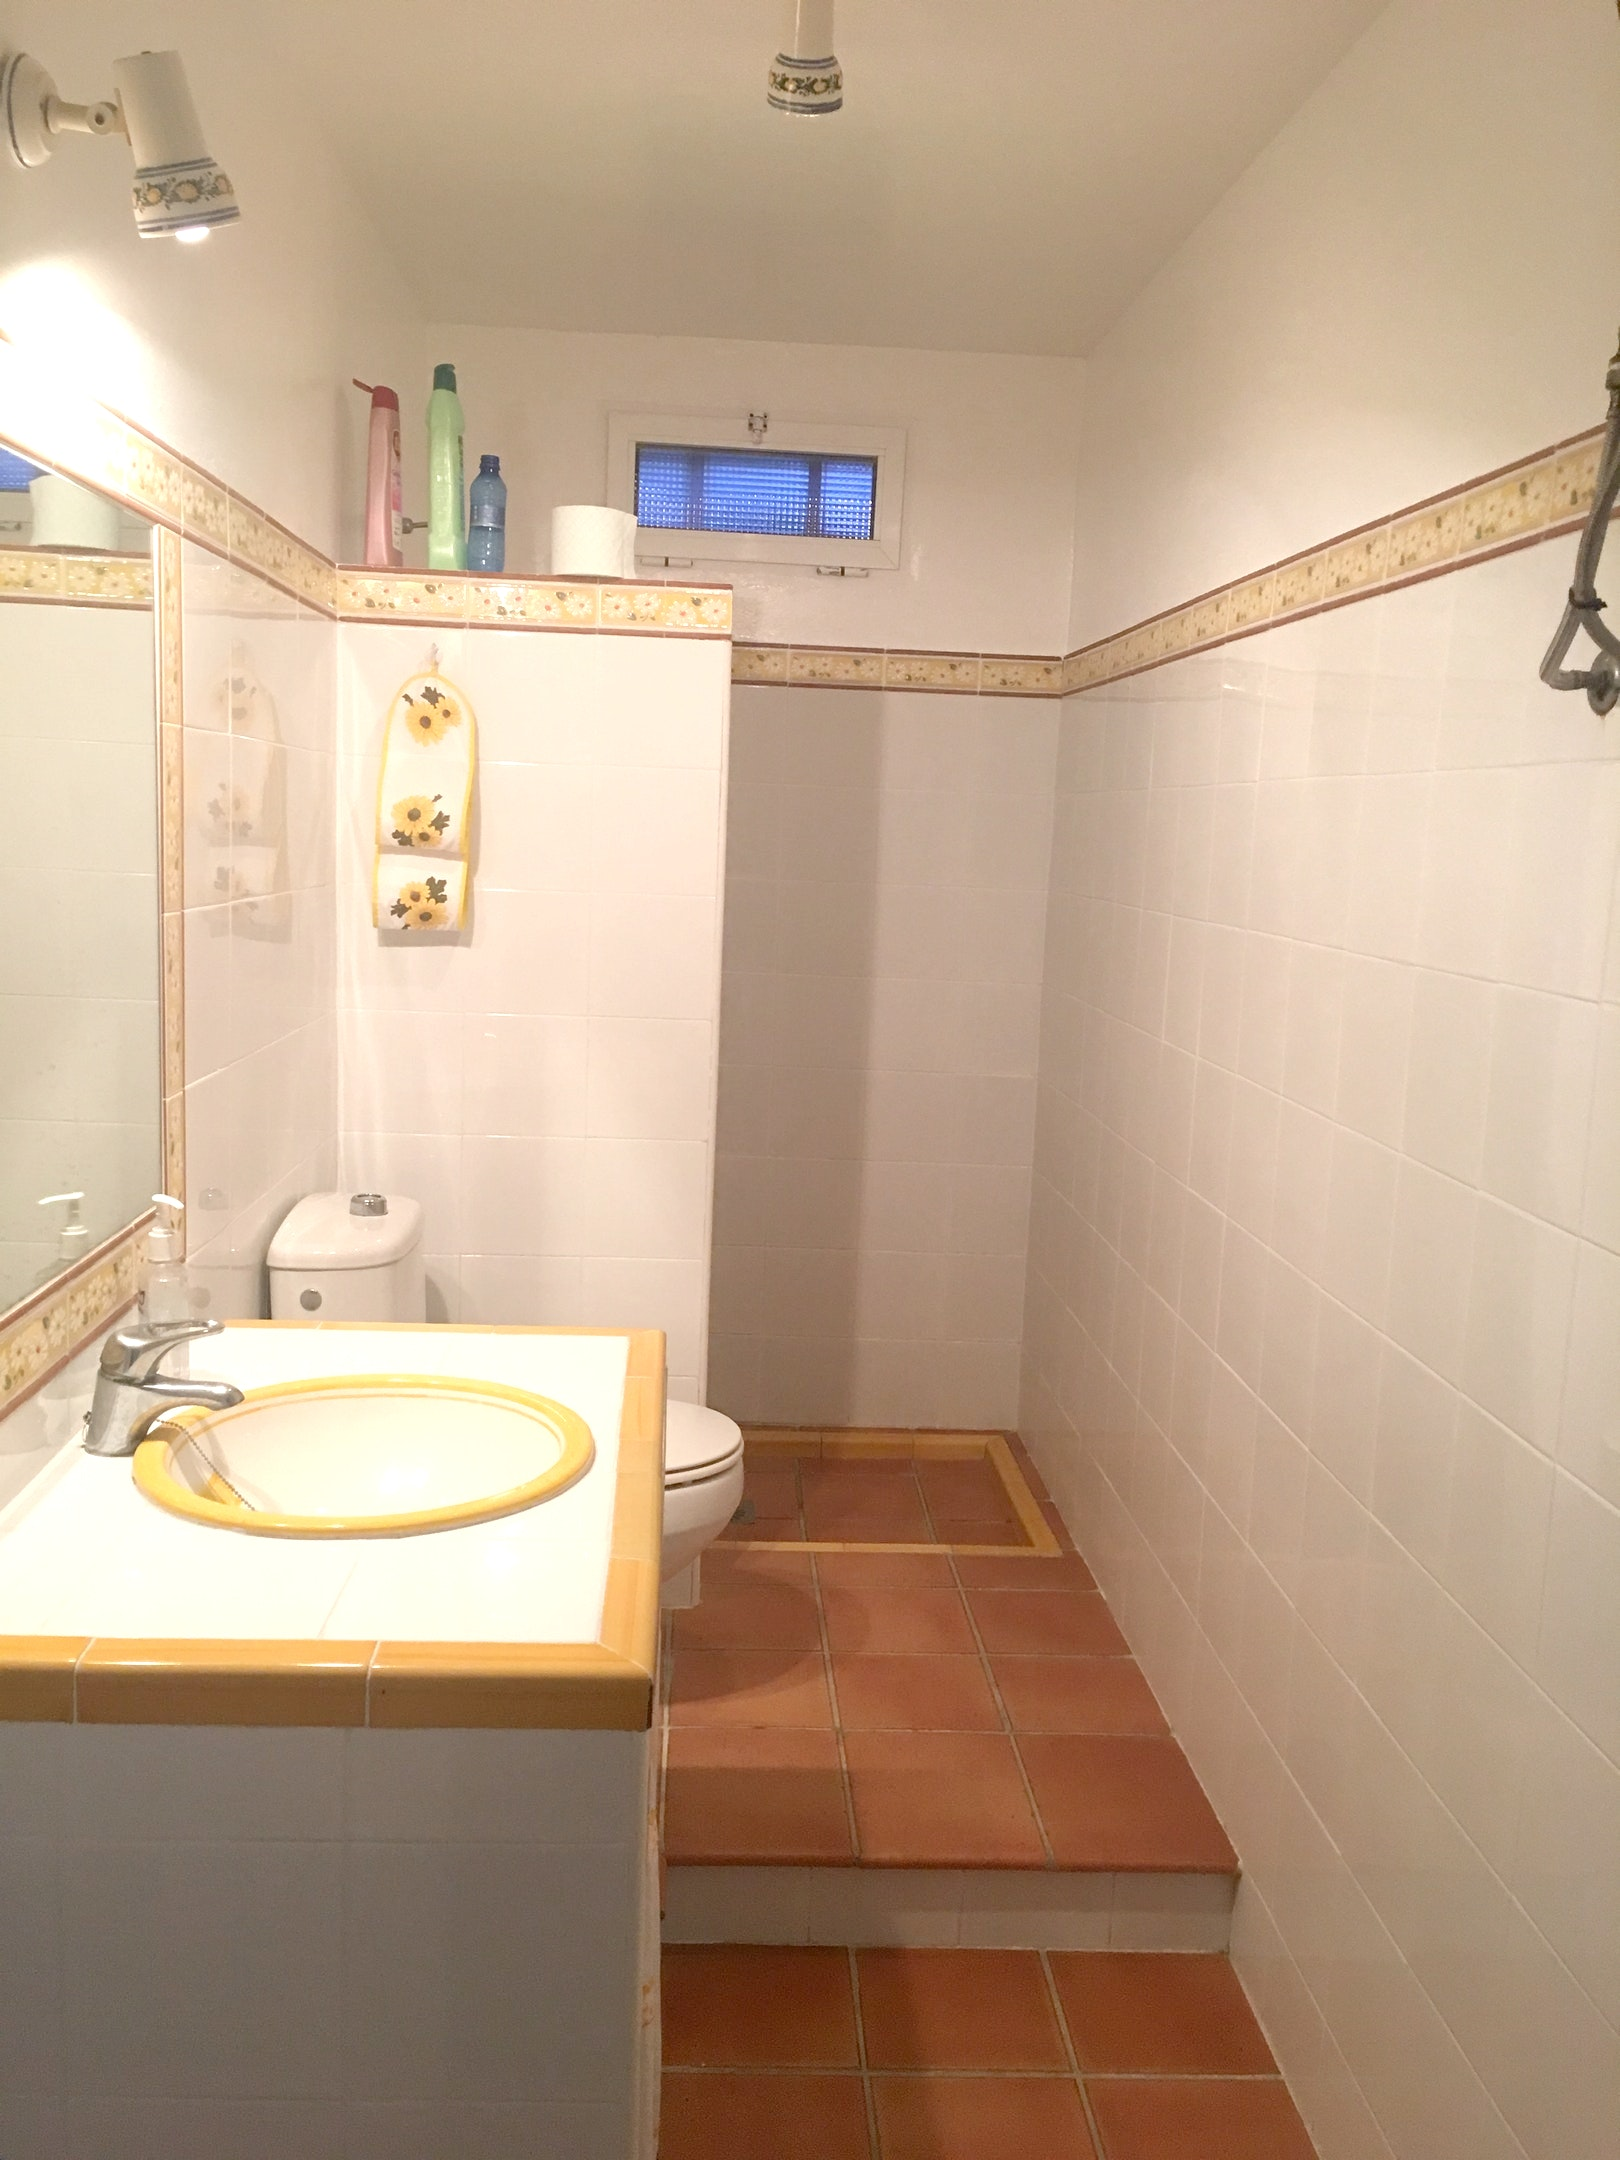 Ferienhaus Hütte mit 5 Schlafzimmern in Utrera mit privatem Pool und eingezäuntem Garten (2339764), Utrera, Sevilla, Andalusien, Spanien, Bild 10